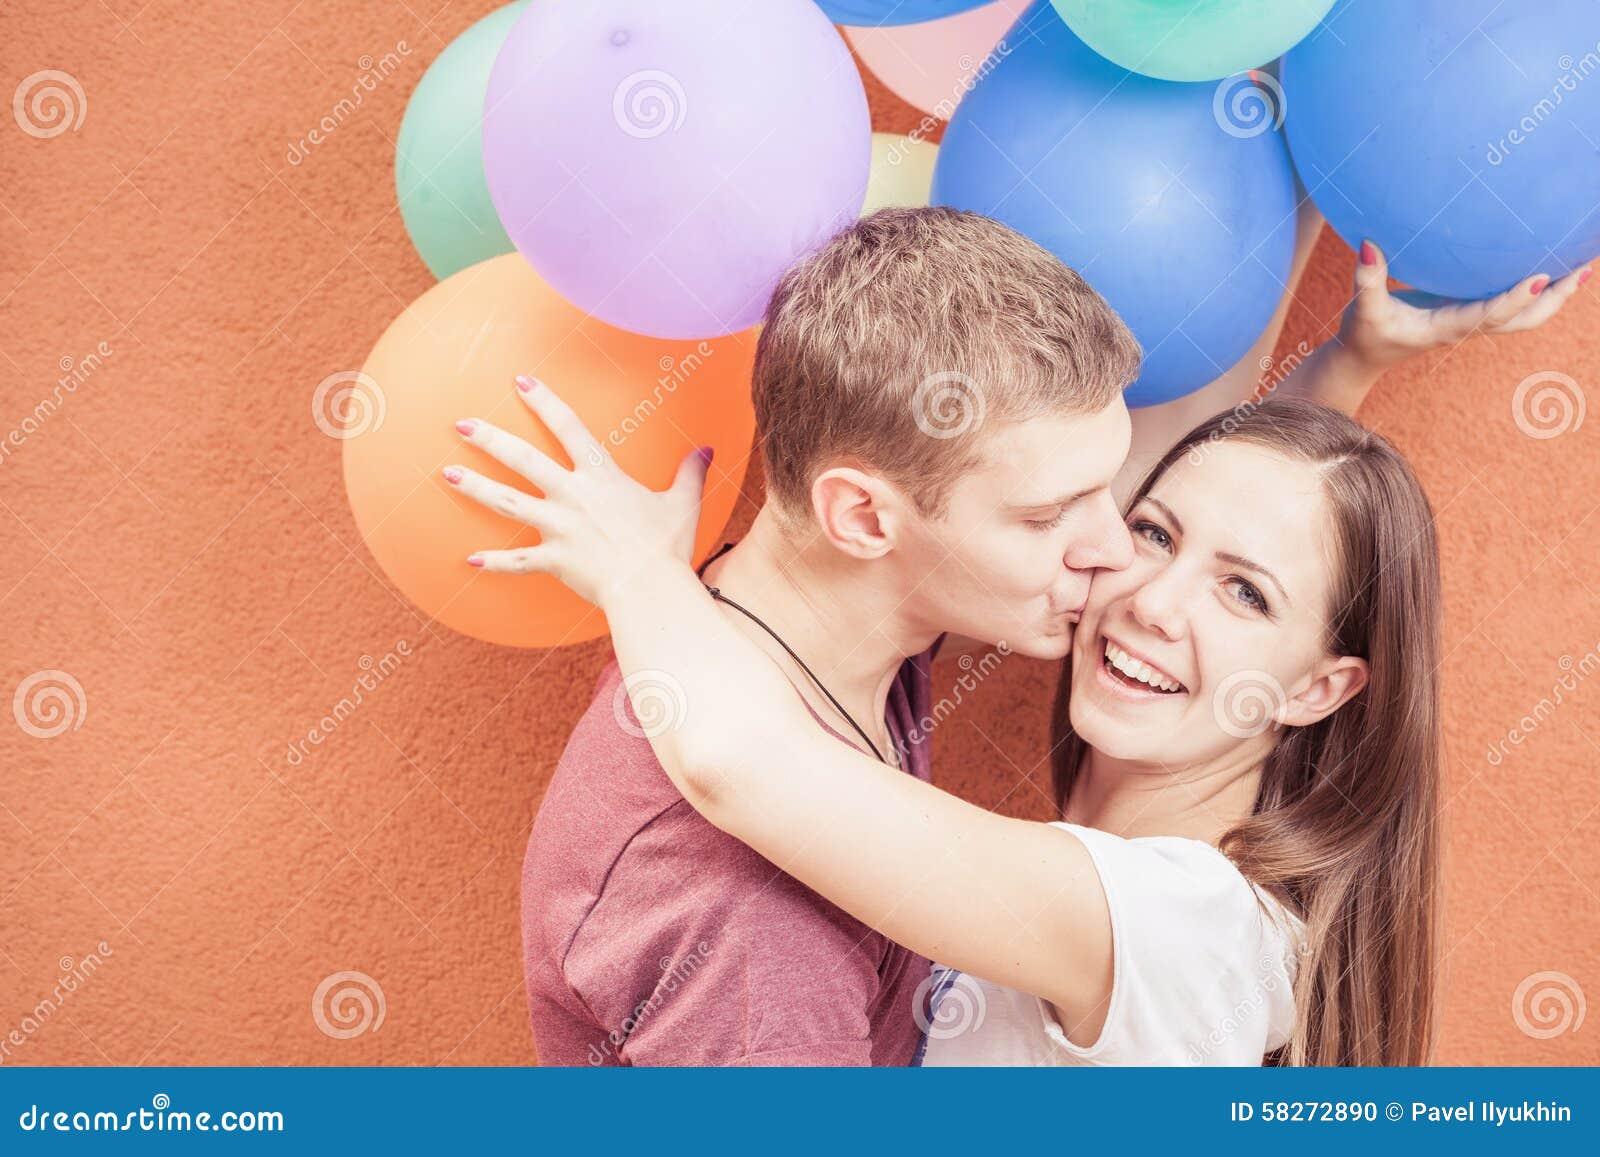 Jong gelukkig paar dichtbij de oranje muurtribune met ballons